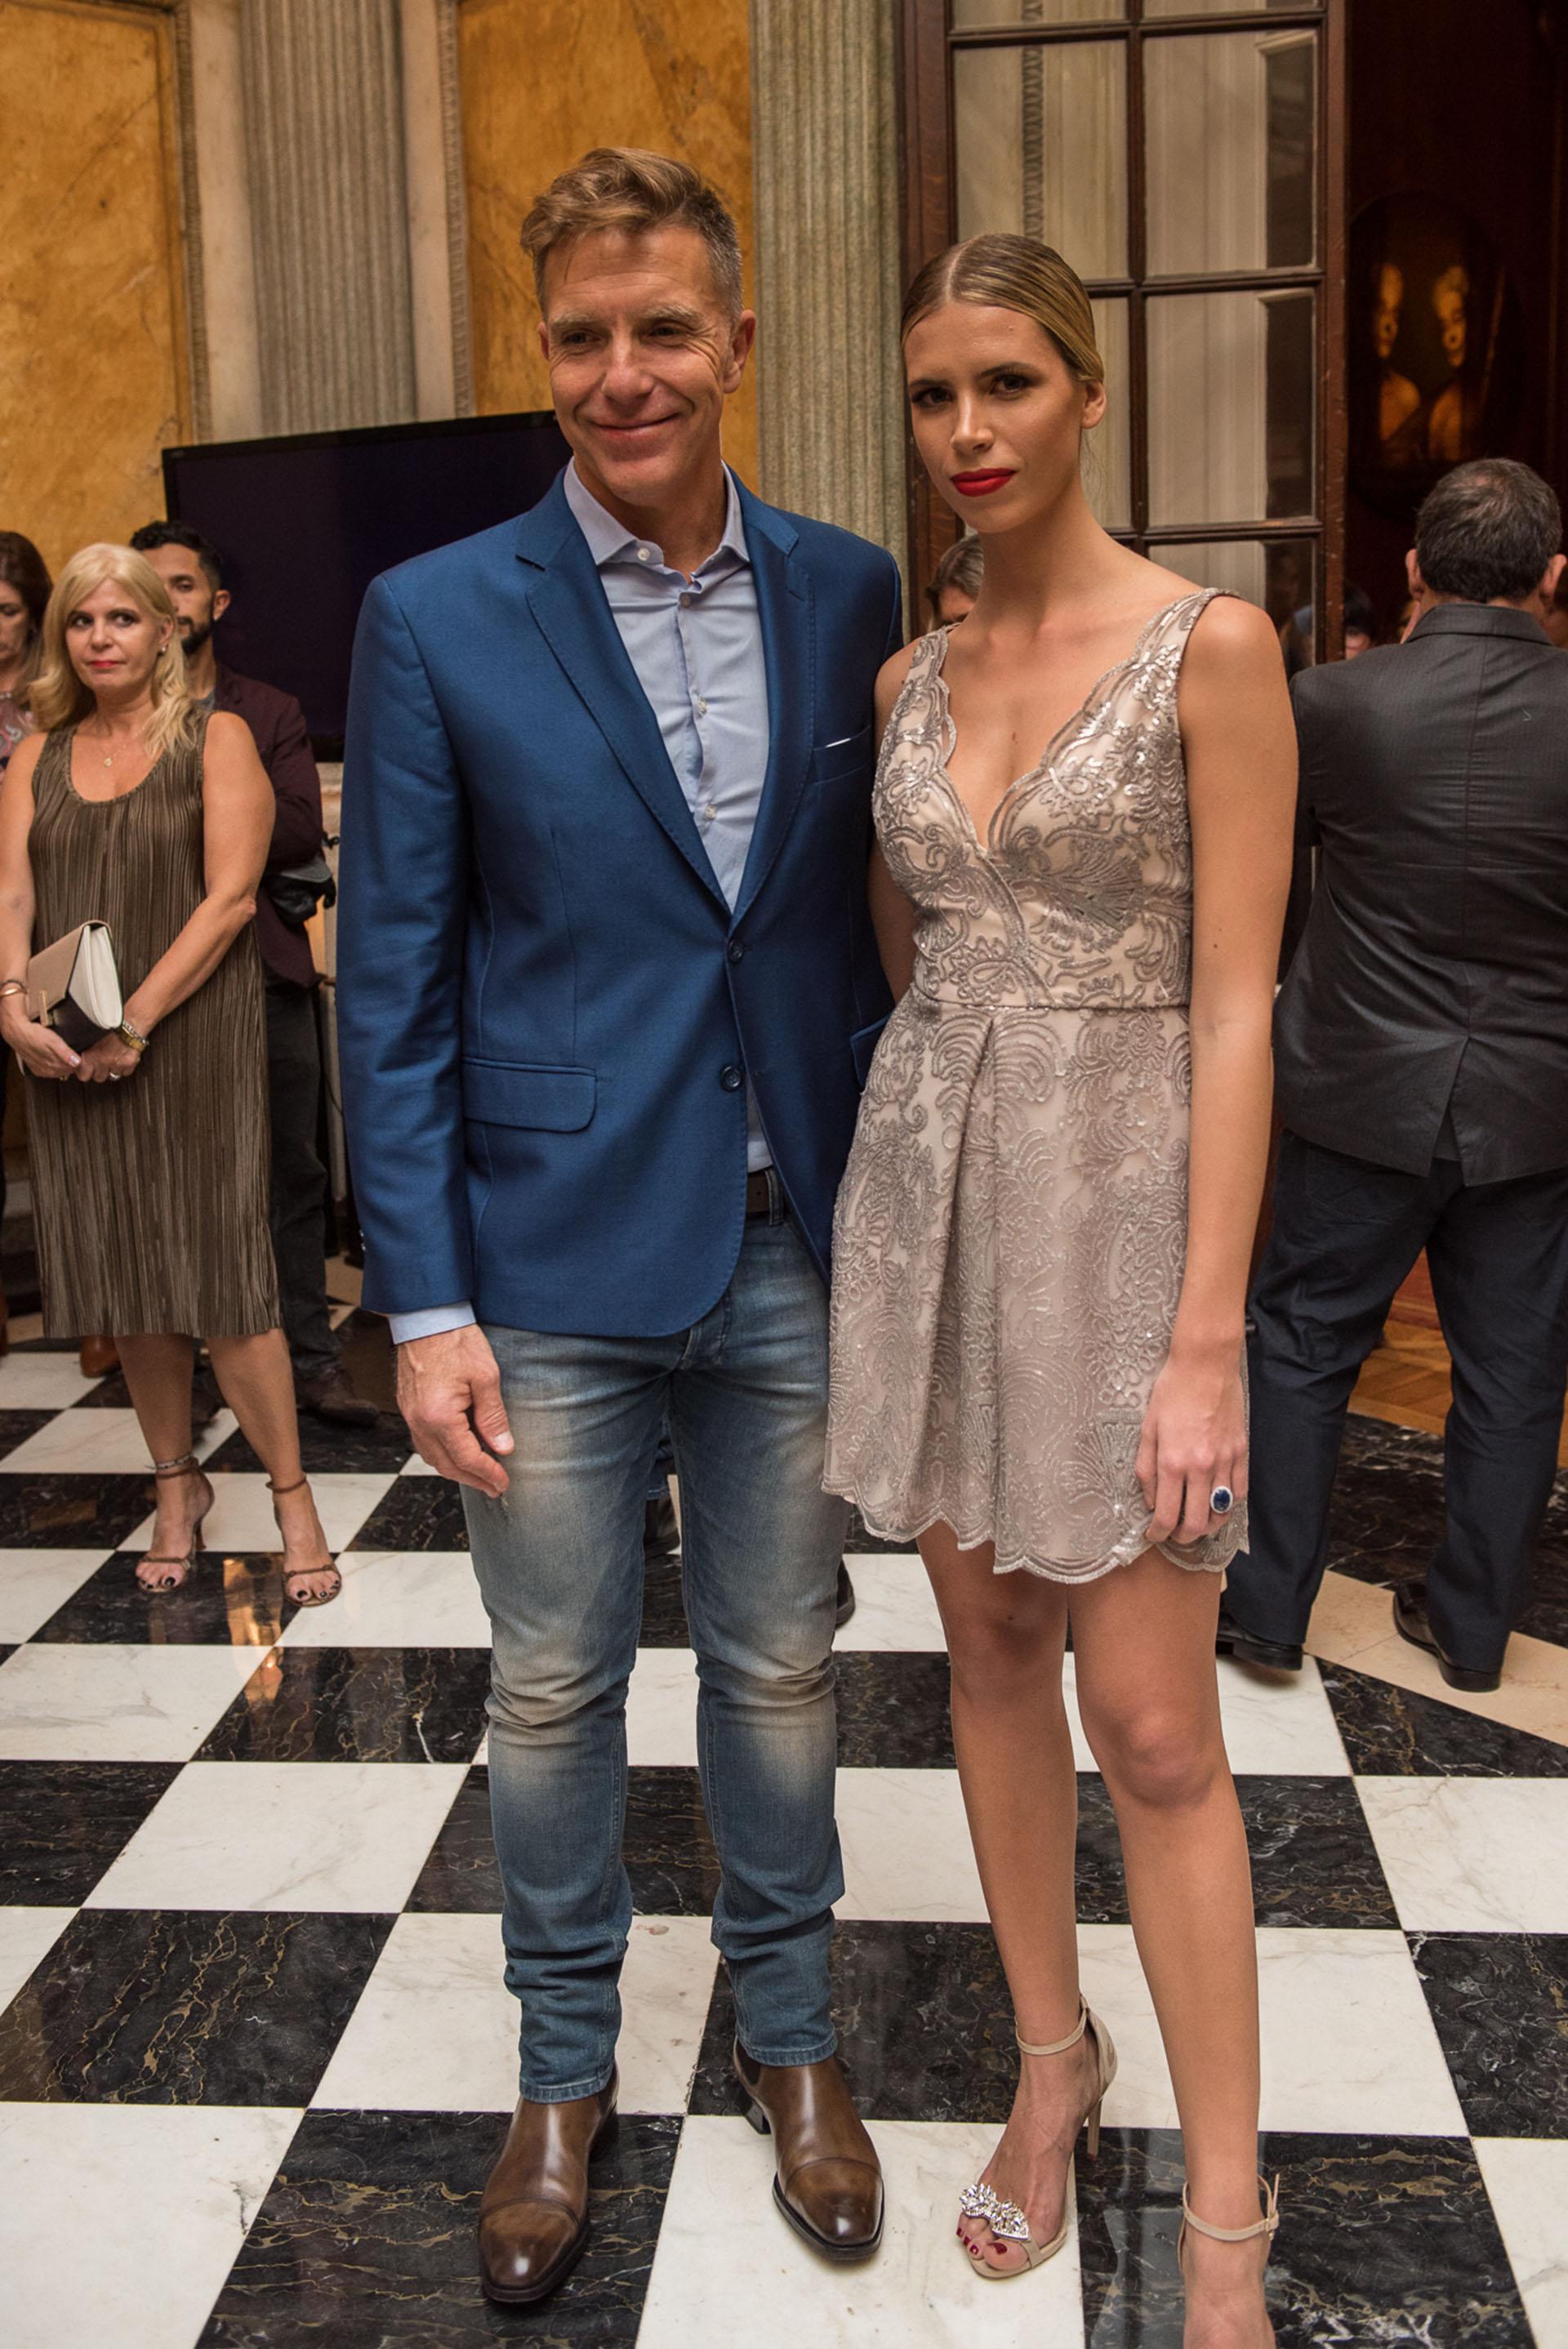 Alejandro Fantino acompañó a su pareja, la modelo Coni Mosqueira, quien desfiló el vestido de novia de la nueva colección de Claudia Arce